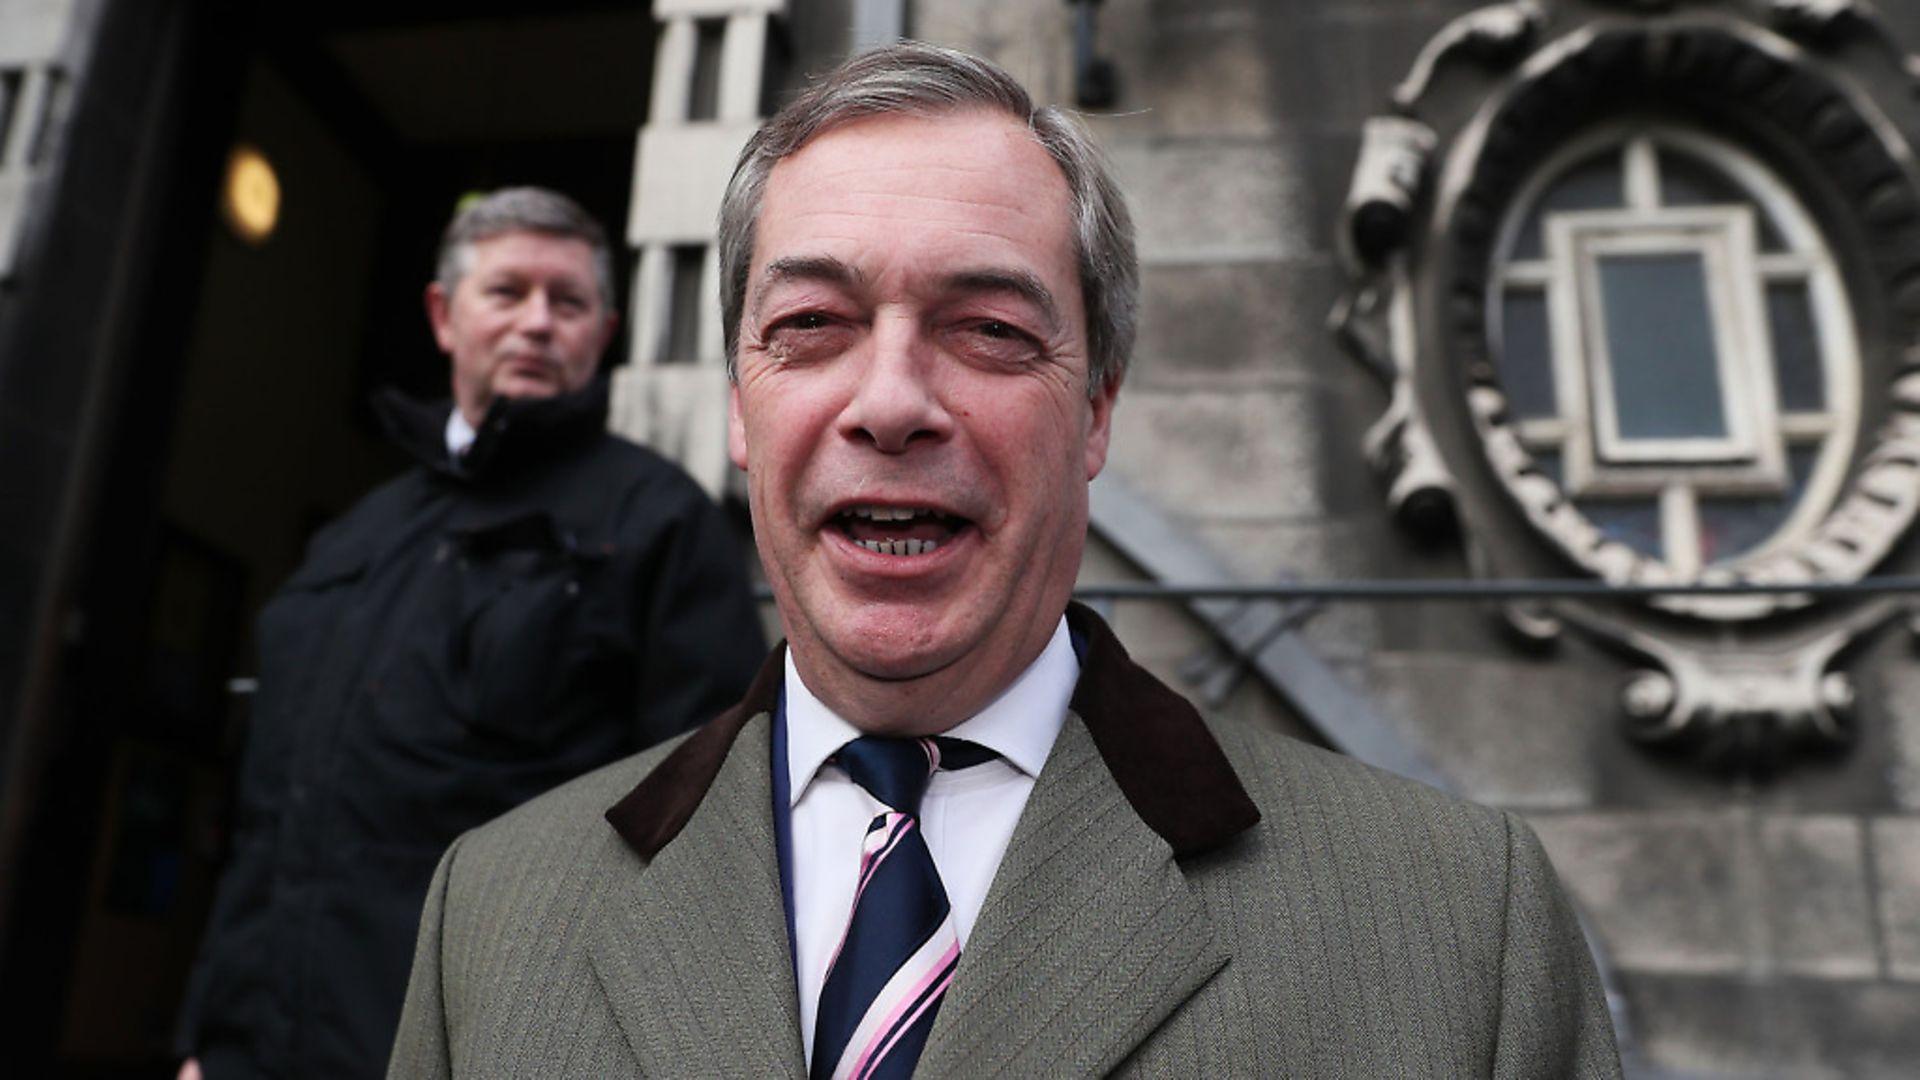 Nigel Farage. Photo: PA. - Credit: PA Wire/PA Images